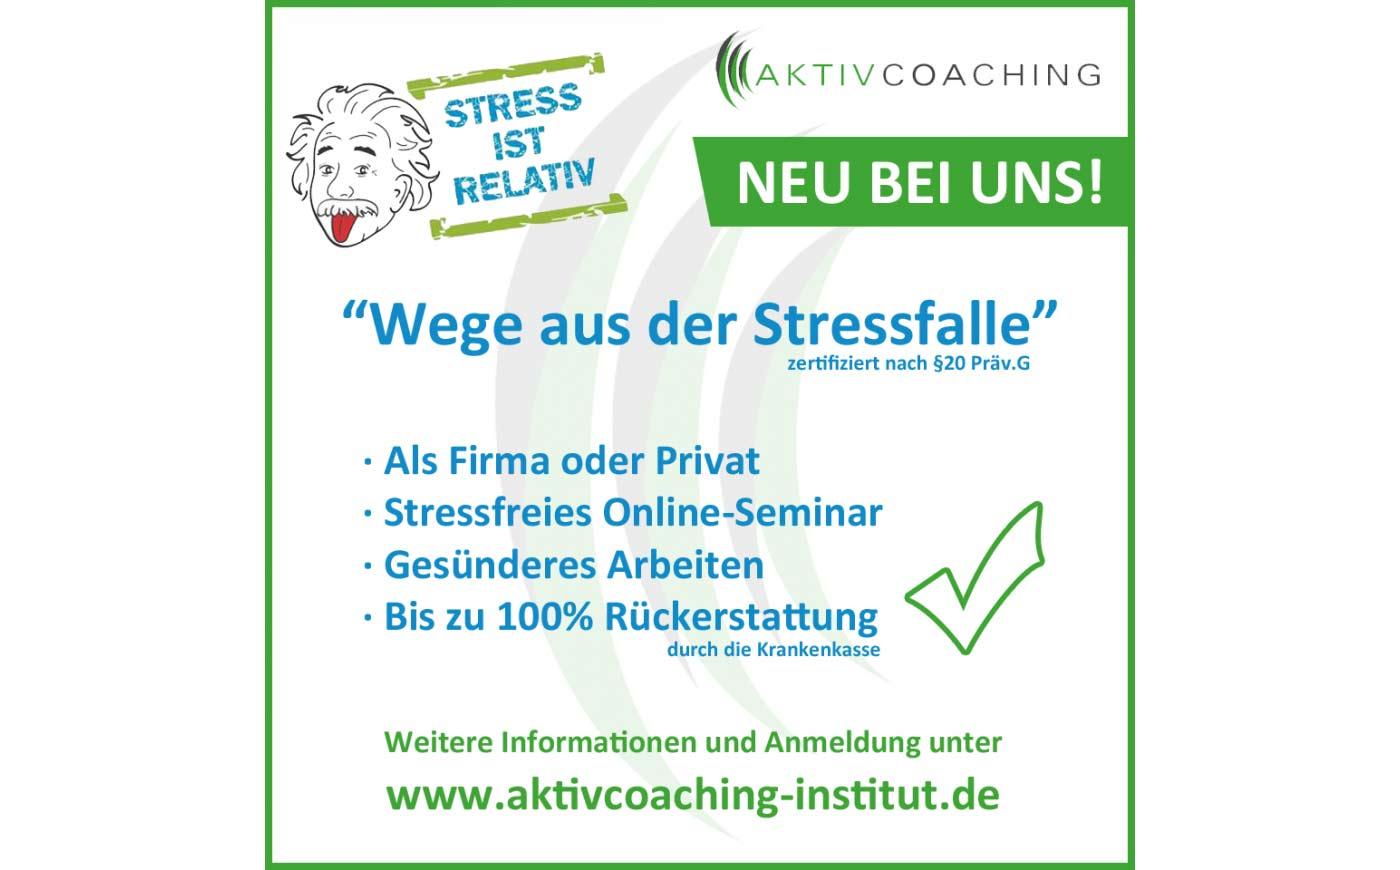 Wege aus der Stressfalle